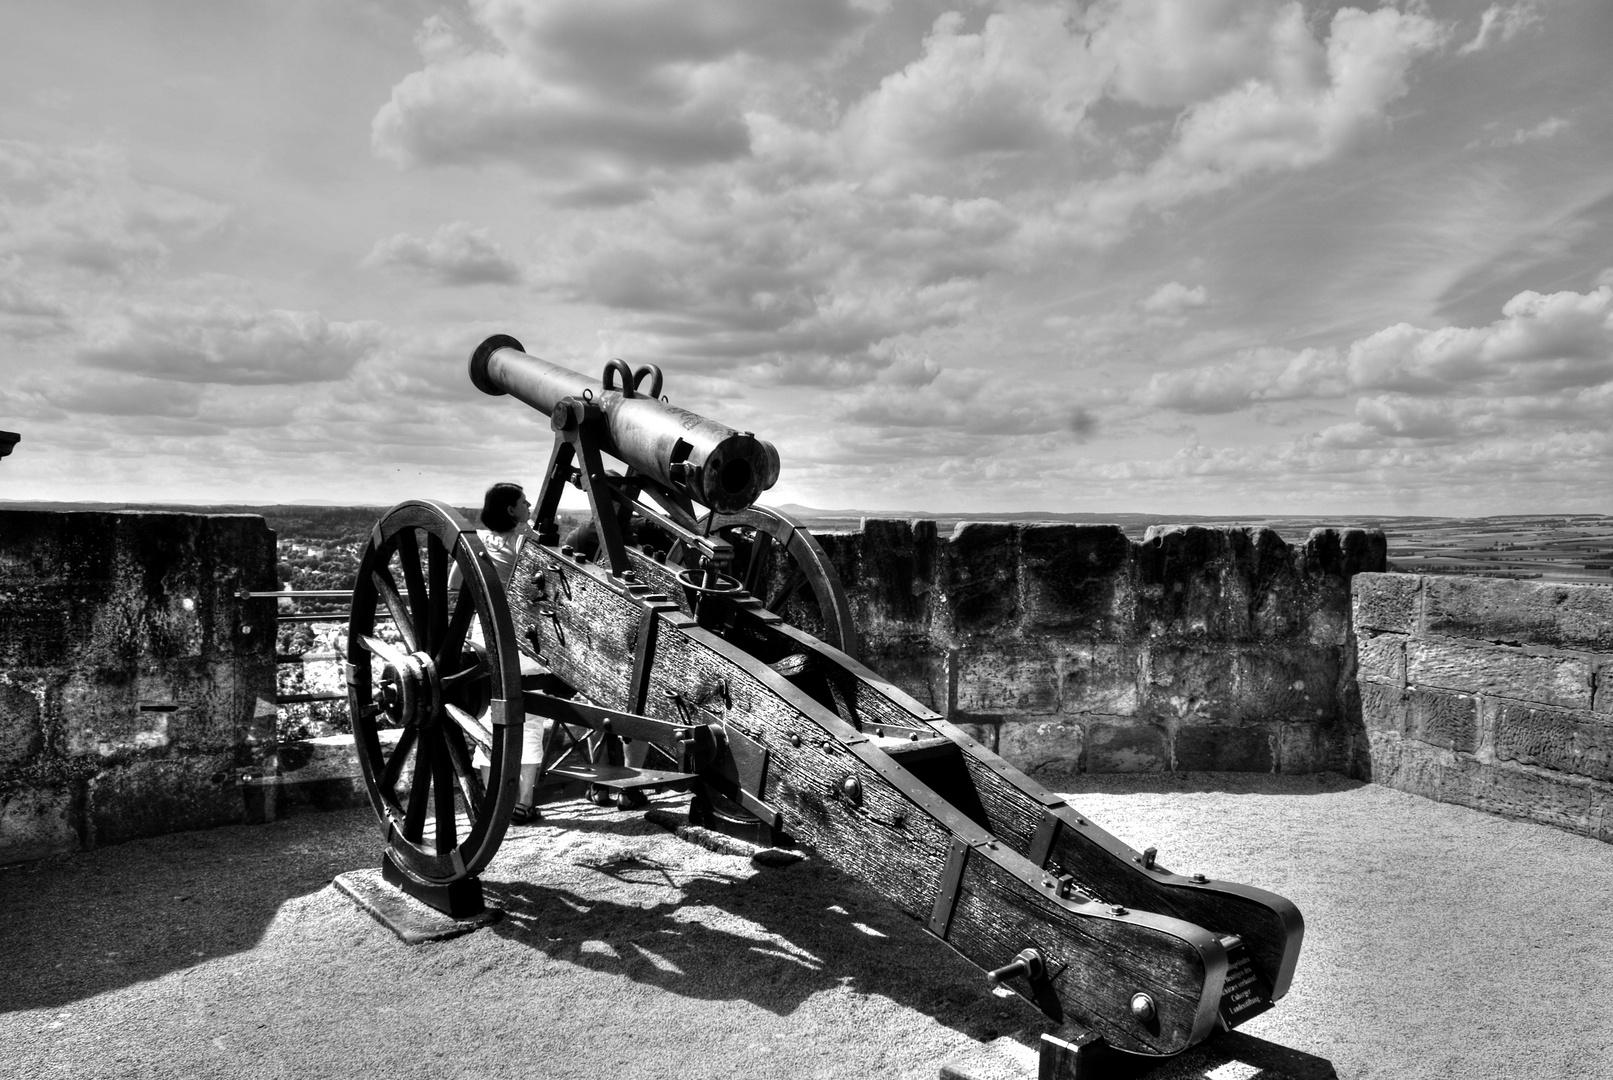 Festung Coburg in Bayern, Kanone auf einer vorgelagerten Bastion